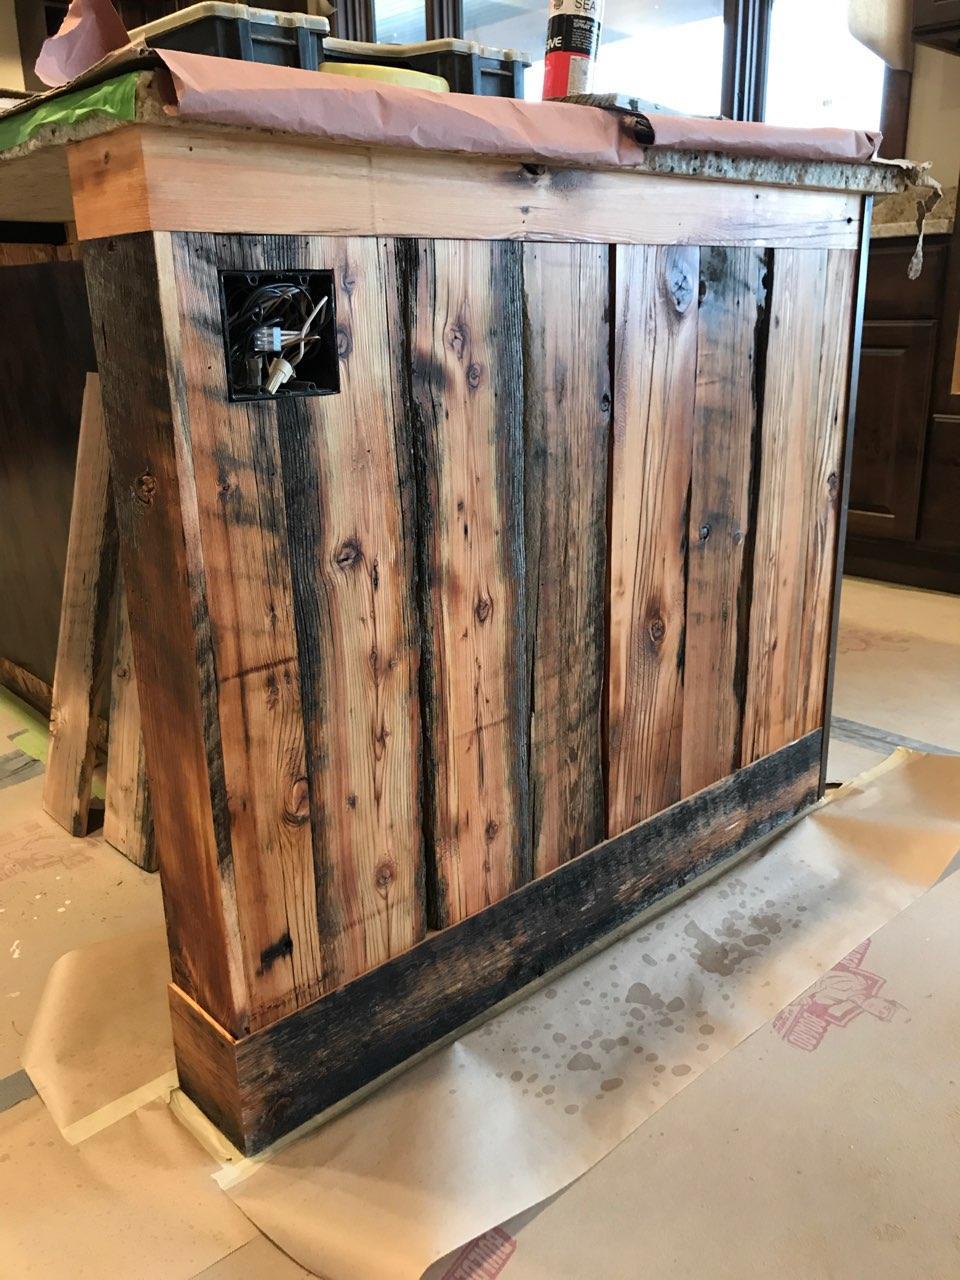 Oil or water based stain for cedar shelves?-564097043_01.jpg